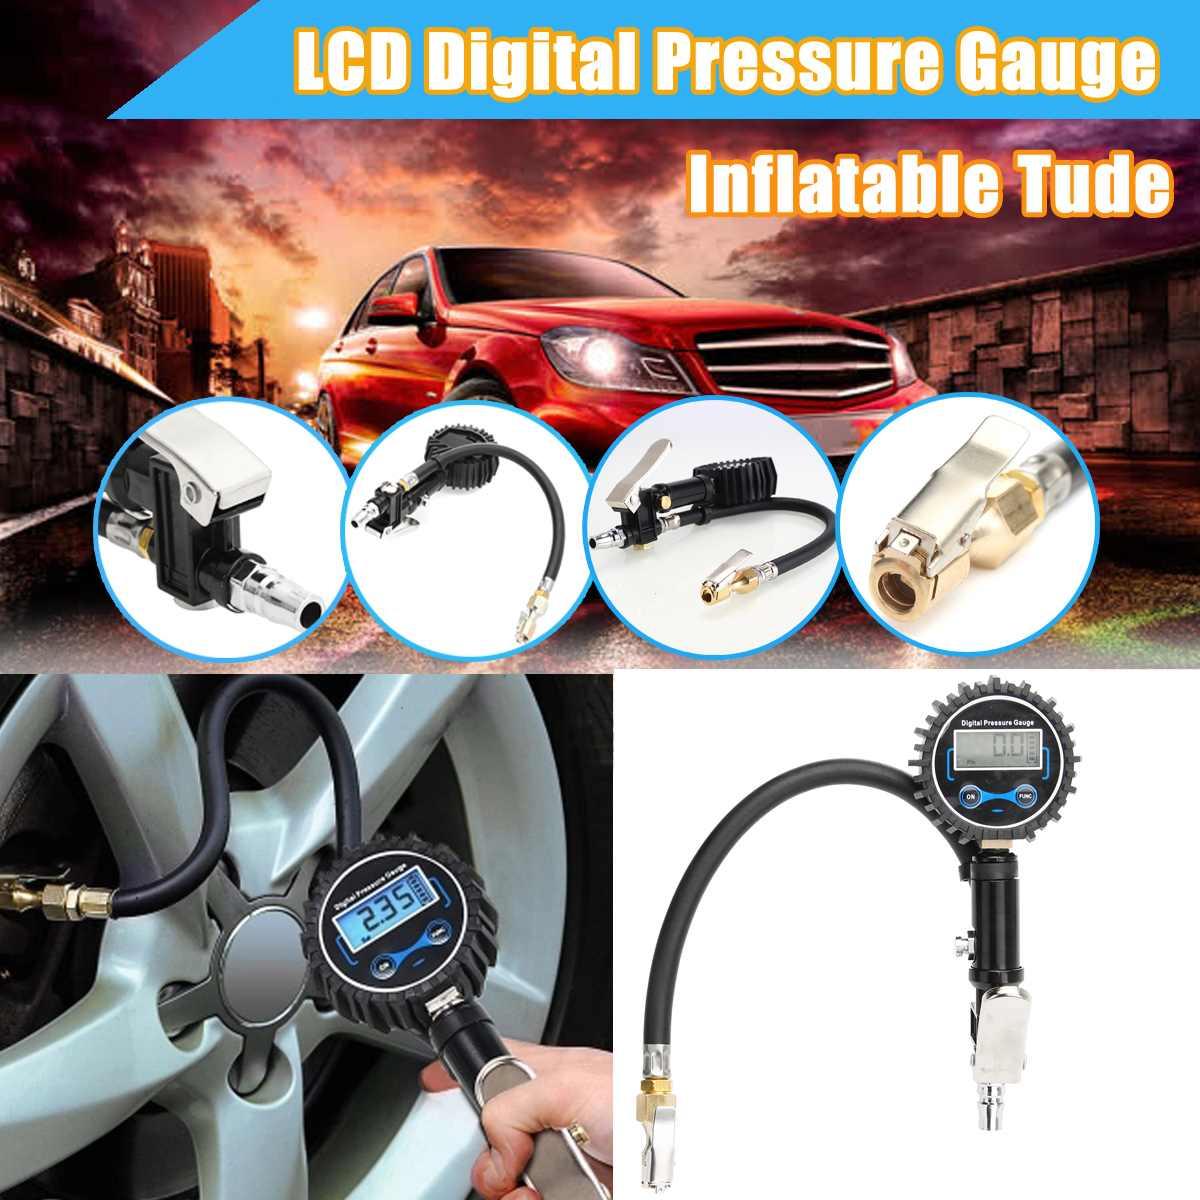 Digitale Auto Lkw Reifen Inflation für Pistolen Überwachung Werkzeug Air Reifen Druck Inflator Gauge LCD Display Dial Meter Fahrzeug Tester